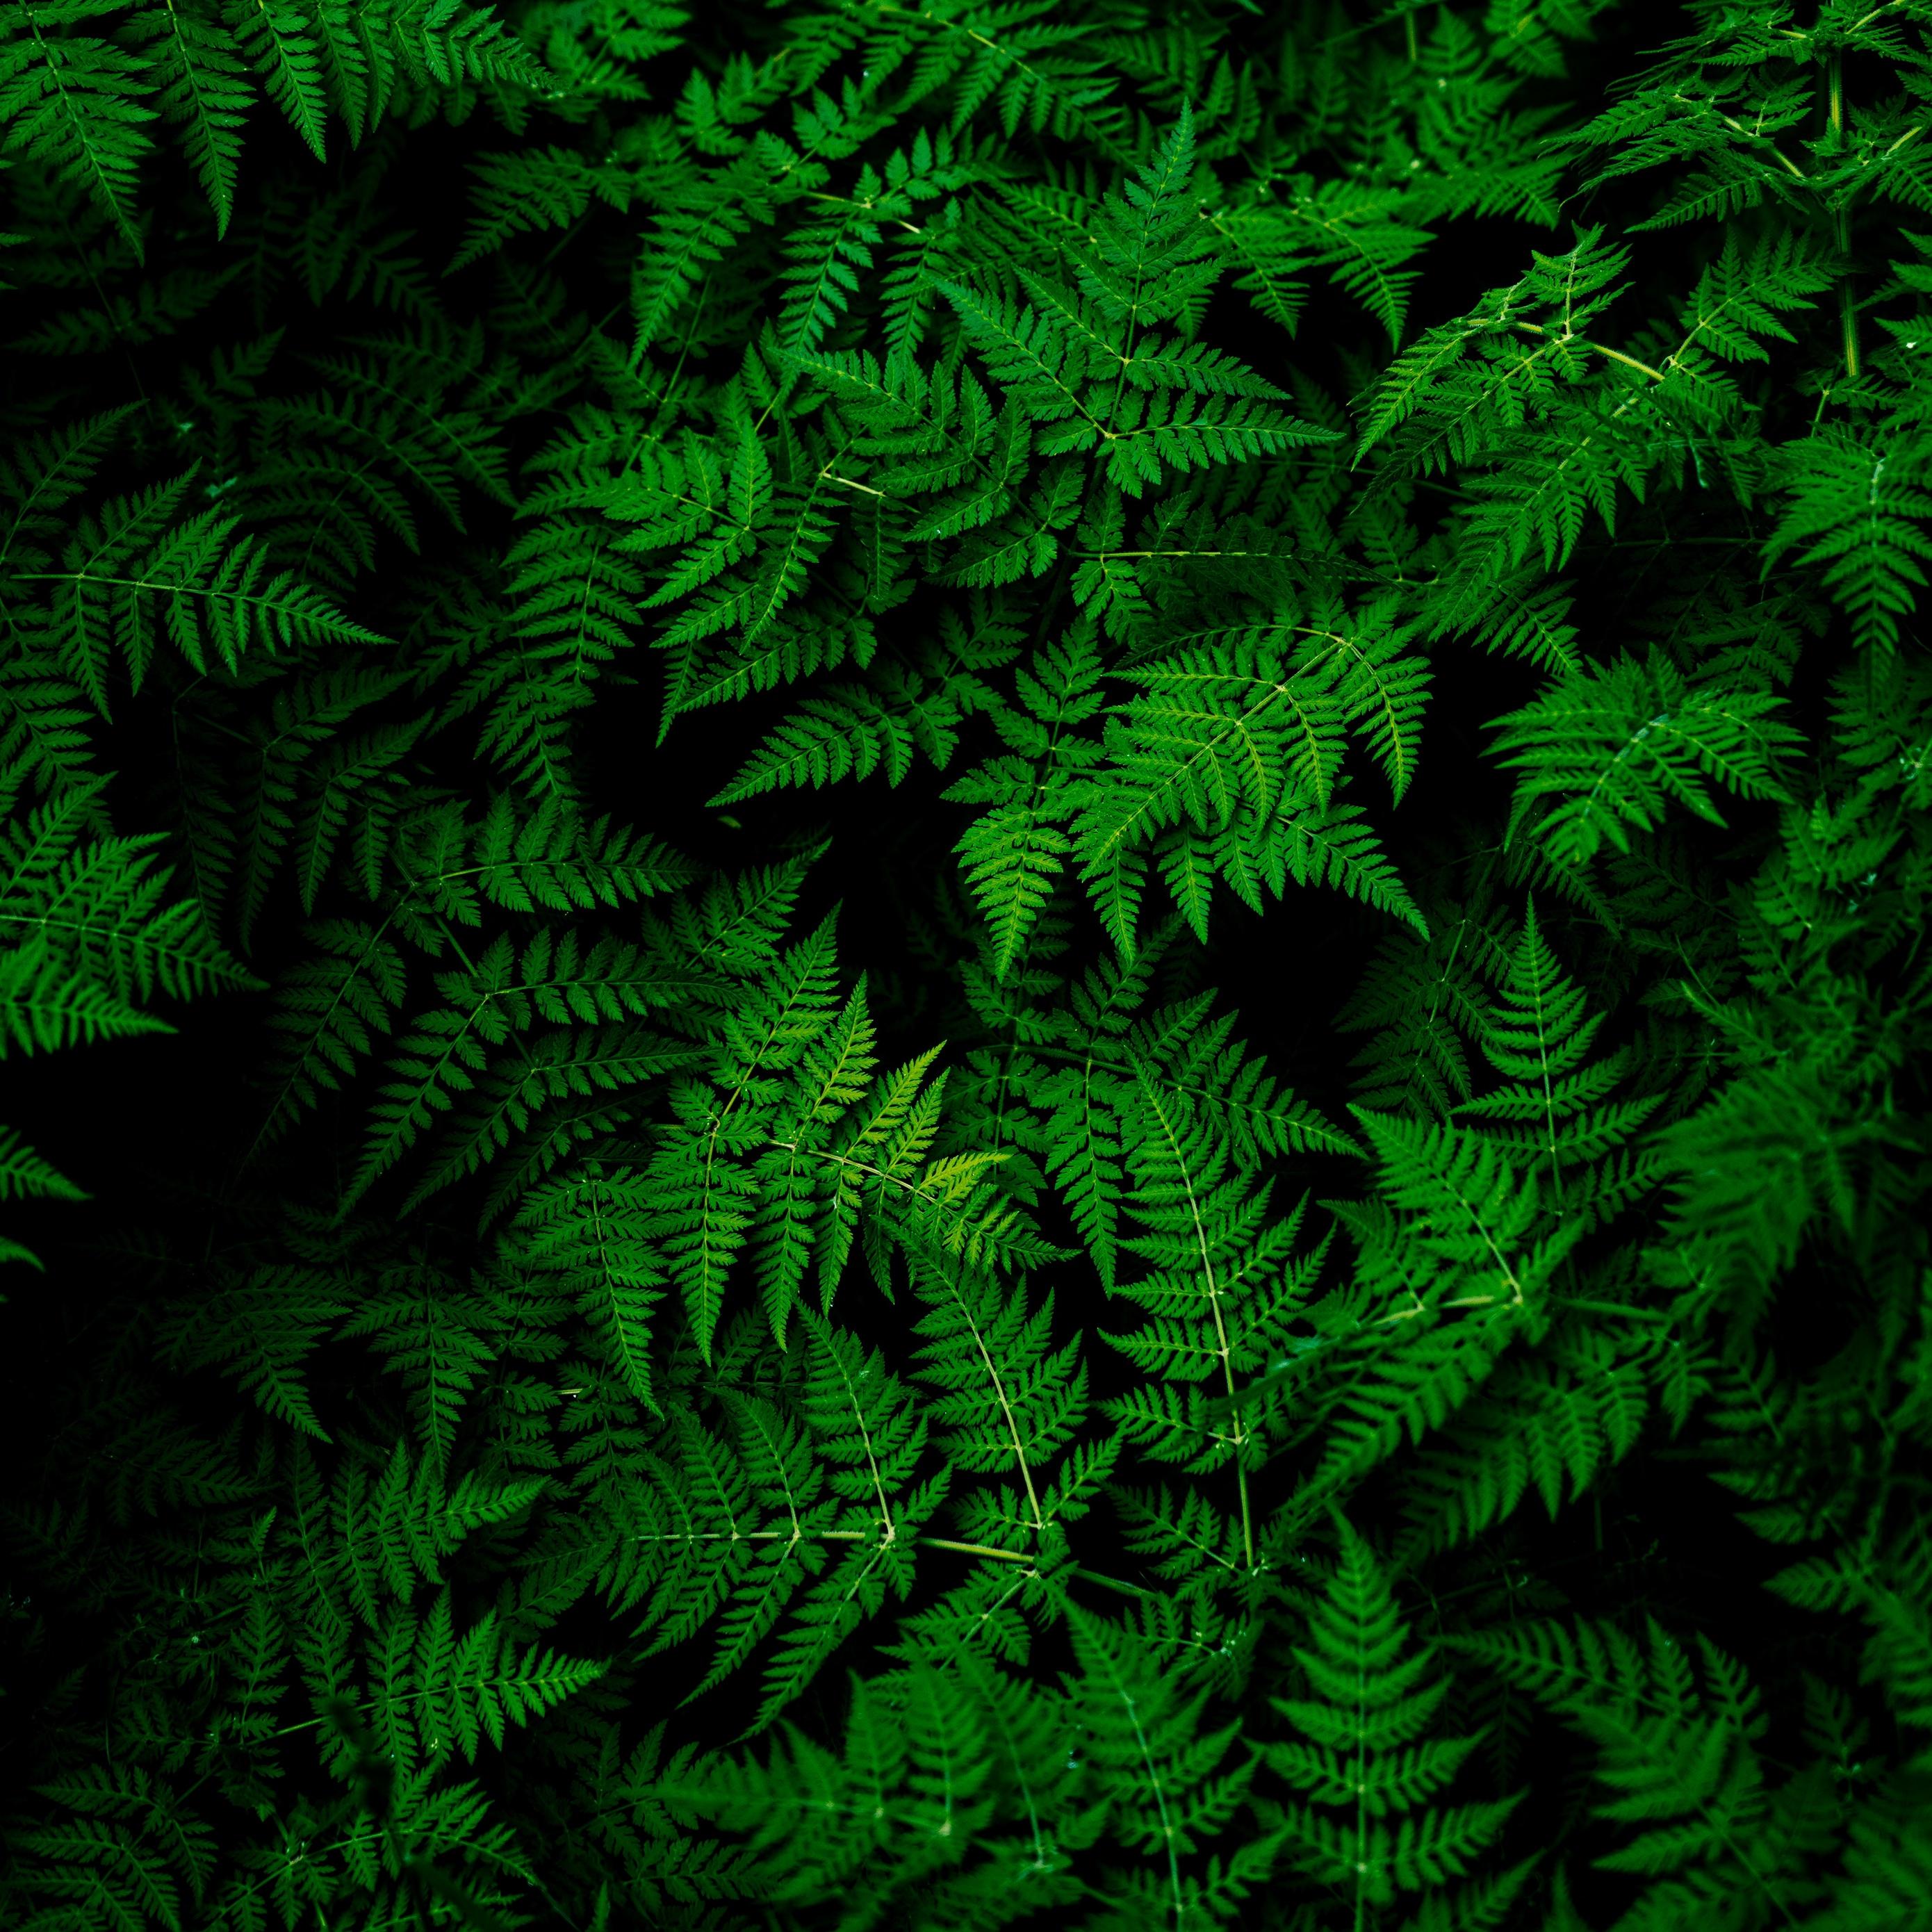 Download wallpaper 2780x2780 leaves plant green ipad air ipad 2780x2780